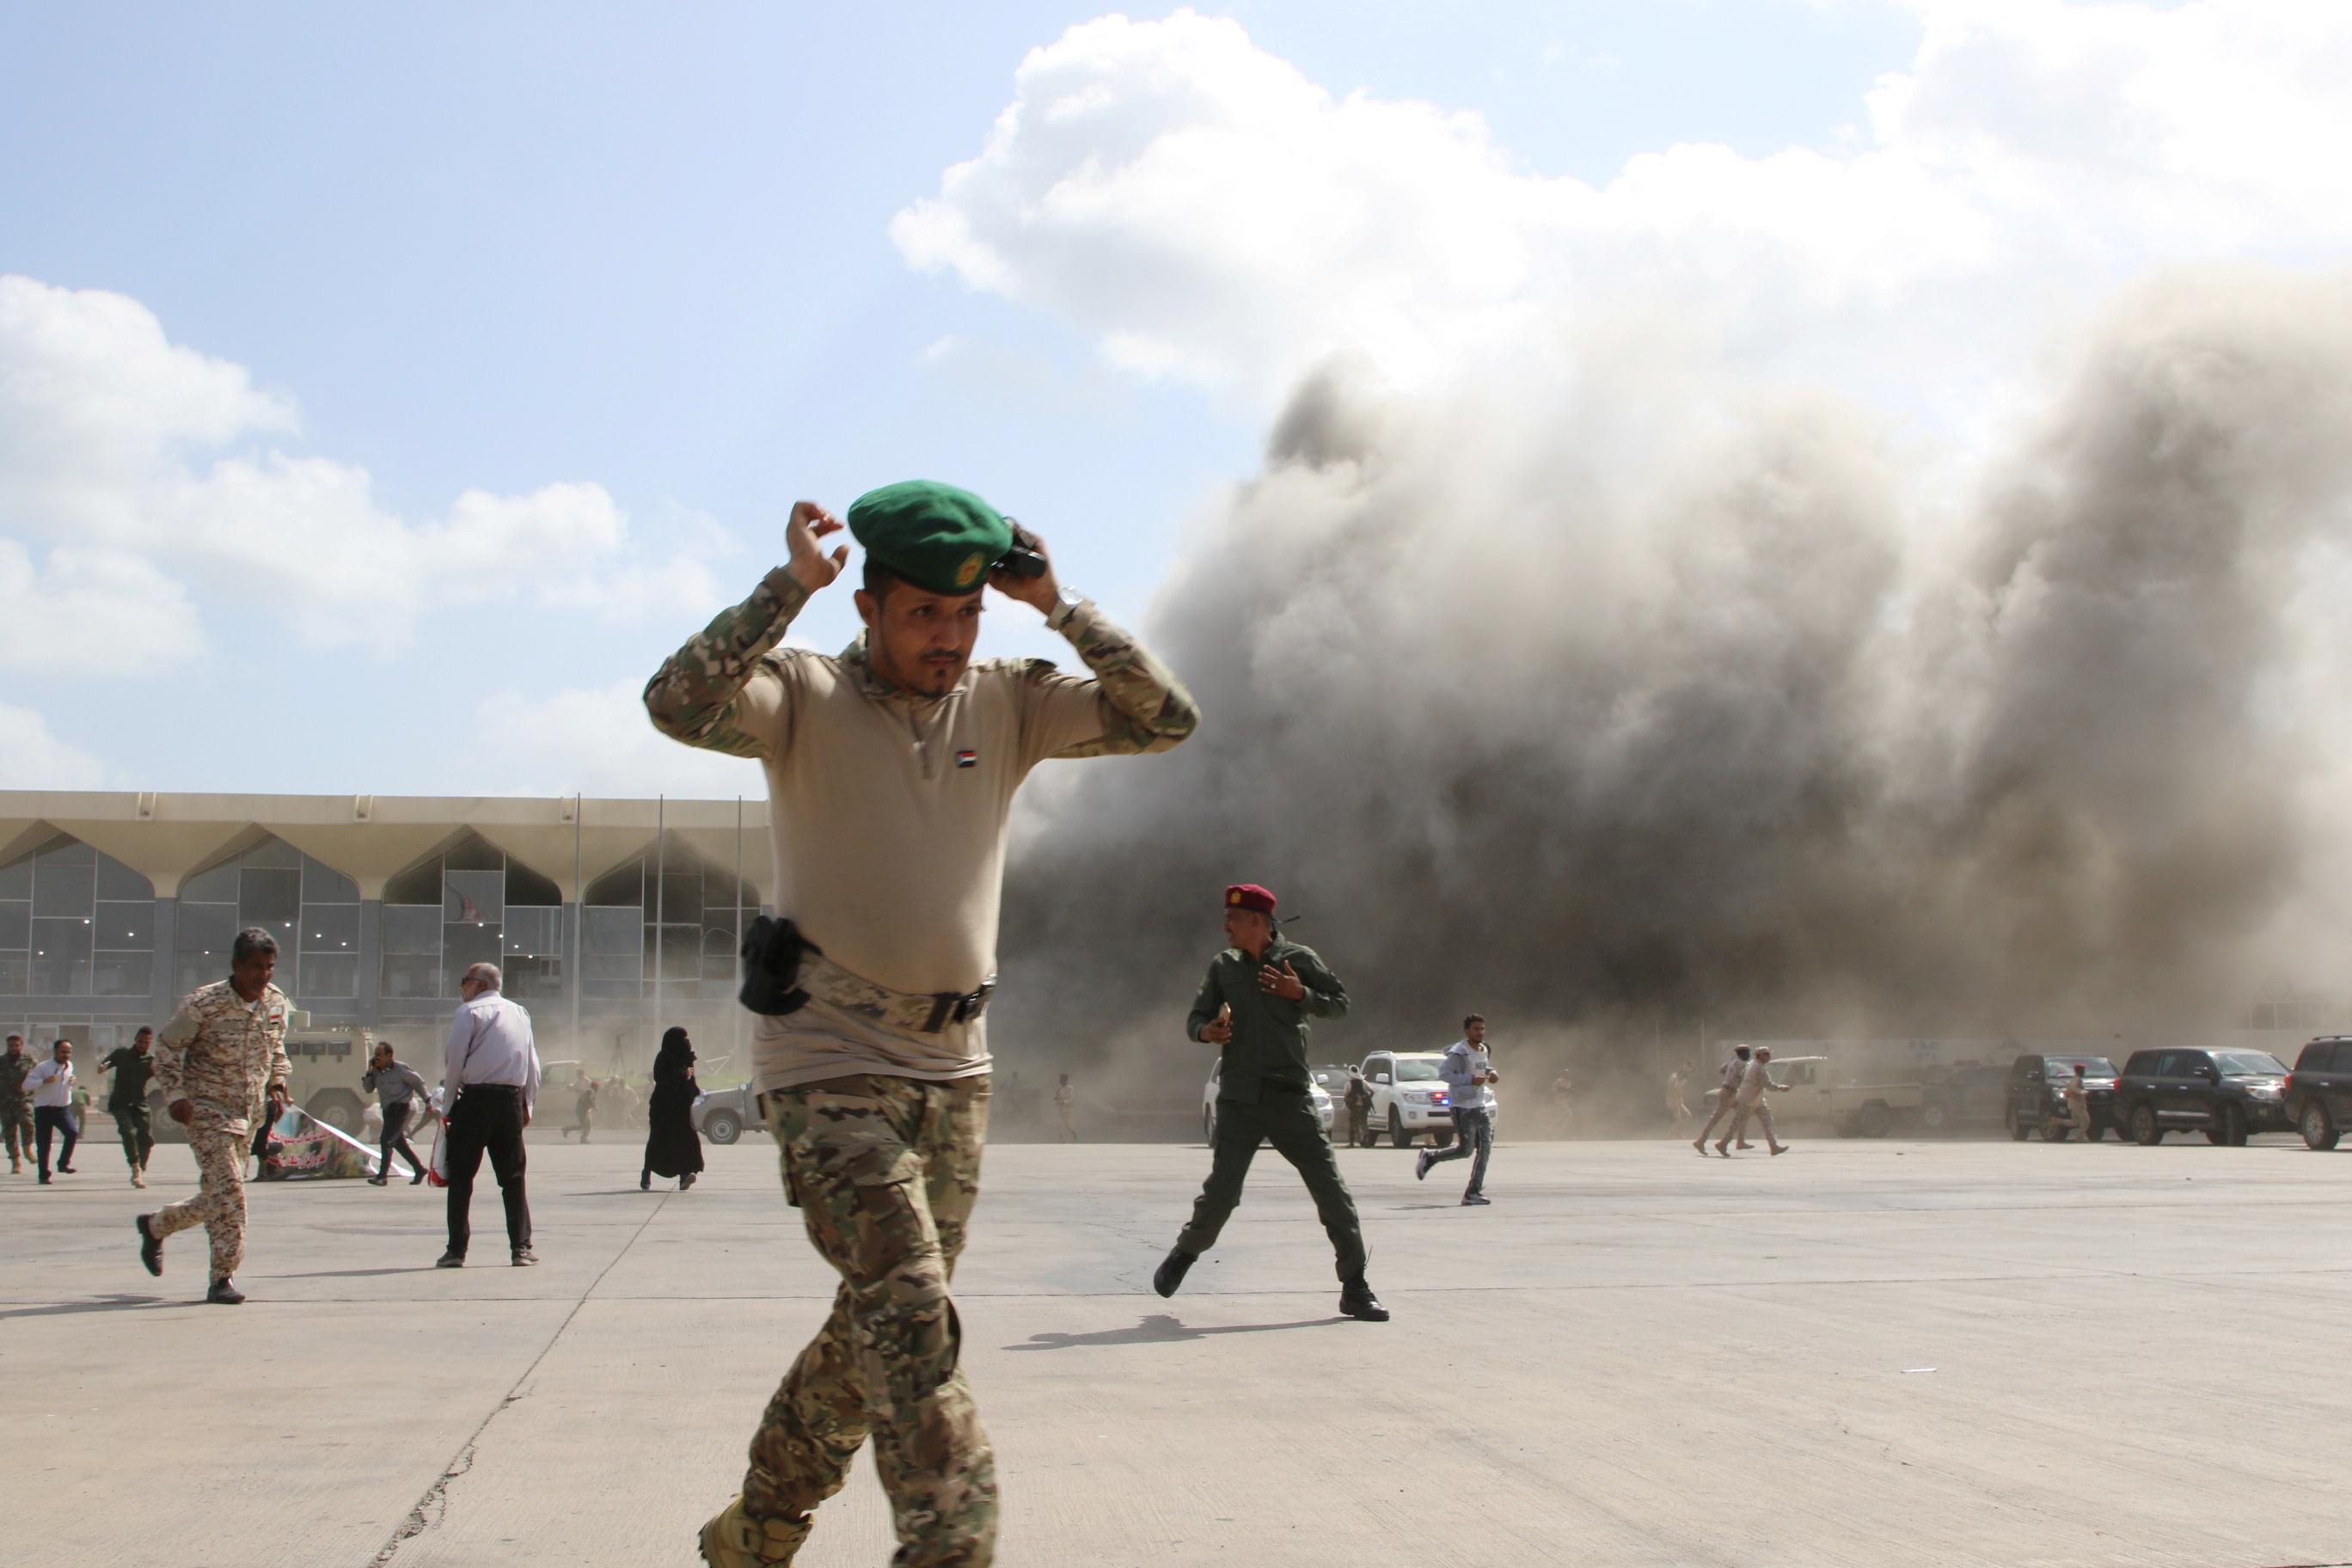 सोशल मीडिया पर शेयर की गई तस्वीरों में एयरपोर्ट पर भागते सैनिक दिखाई दे रहे हैं।